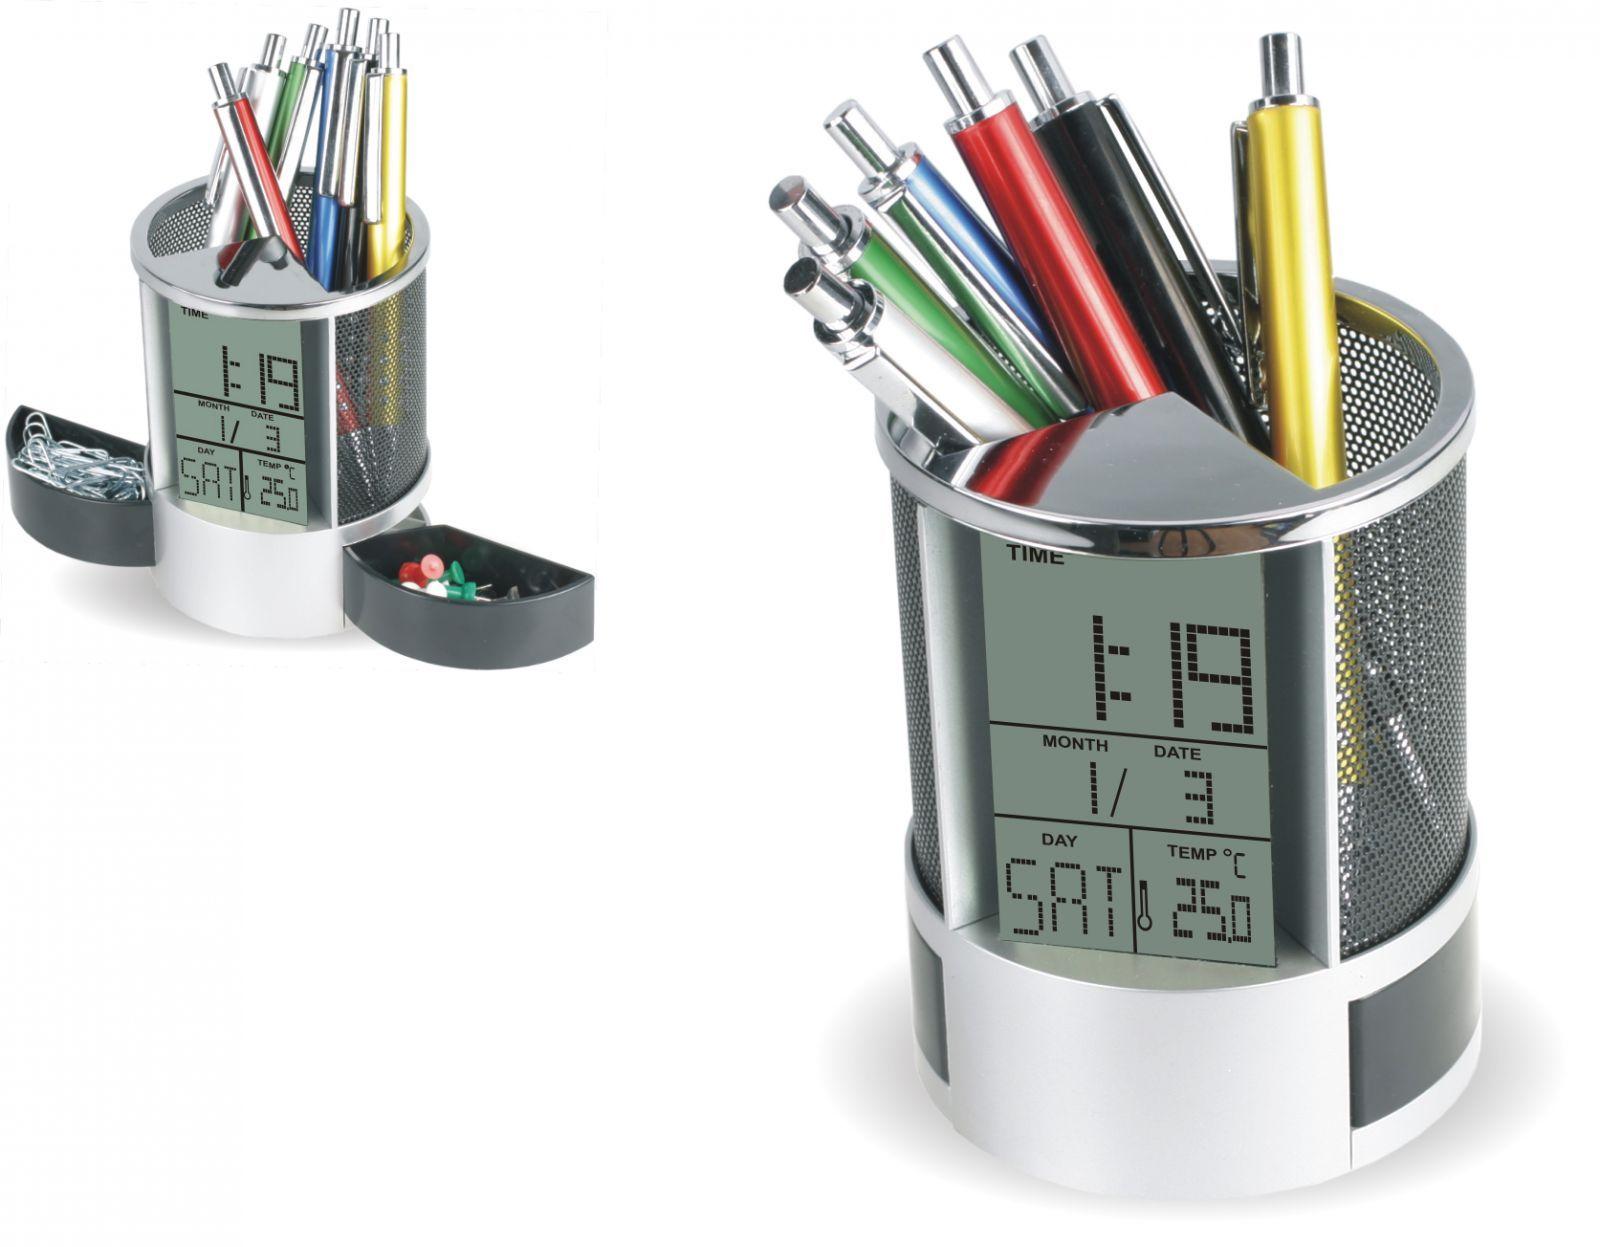 Digitální budík jako stojan na tužky s nastavením datumu a vnitřním těploměrem..0549 167896